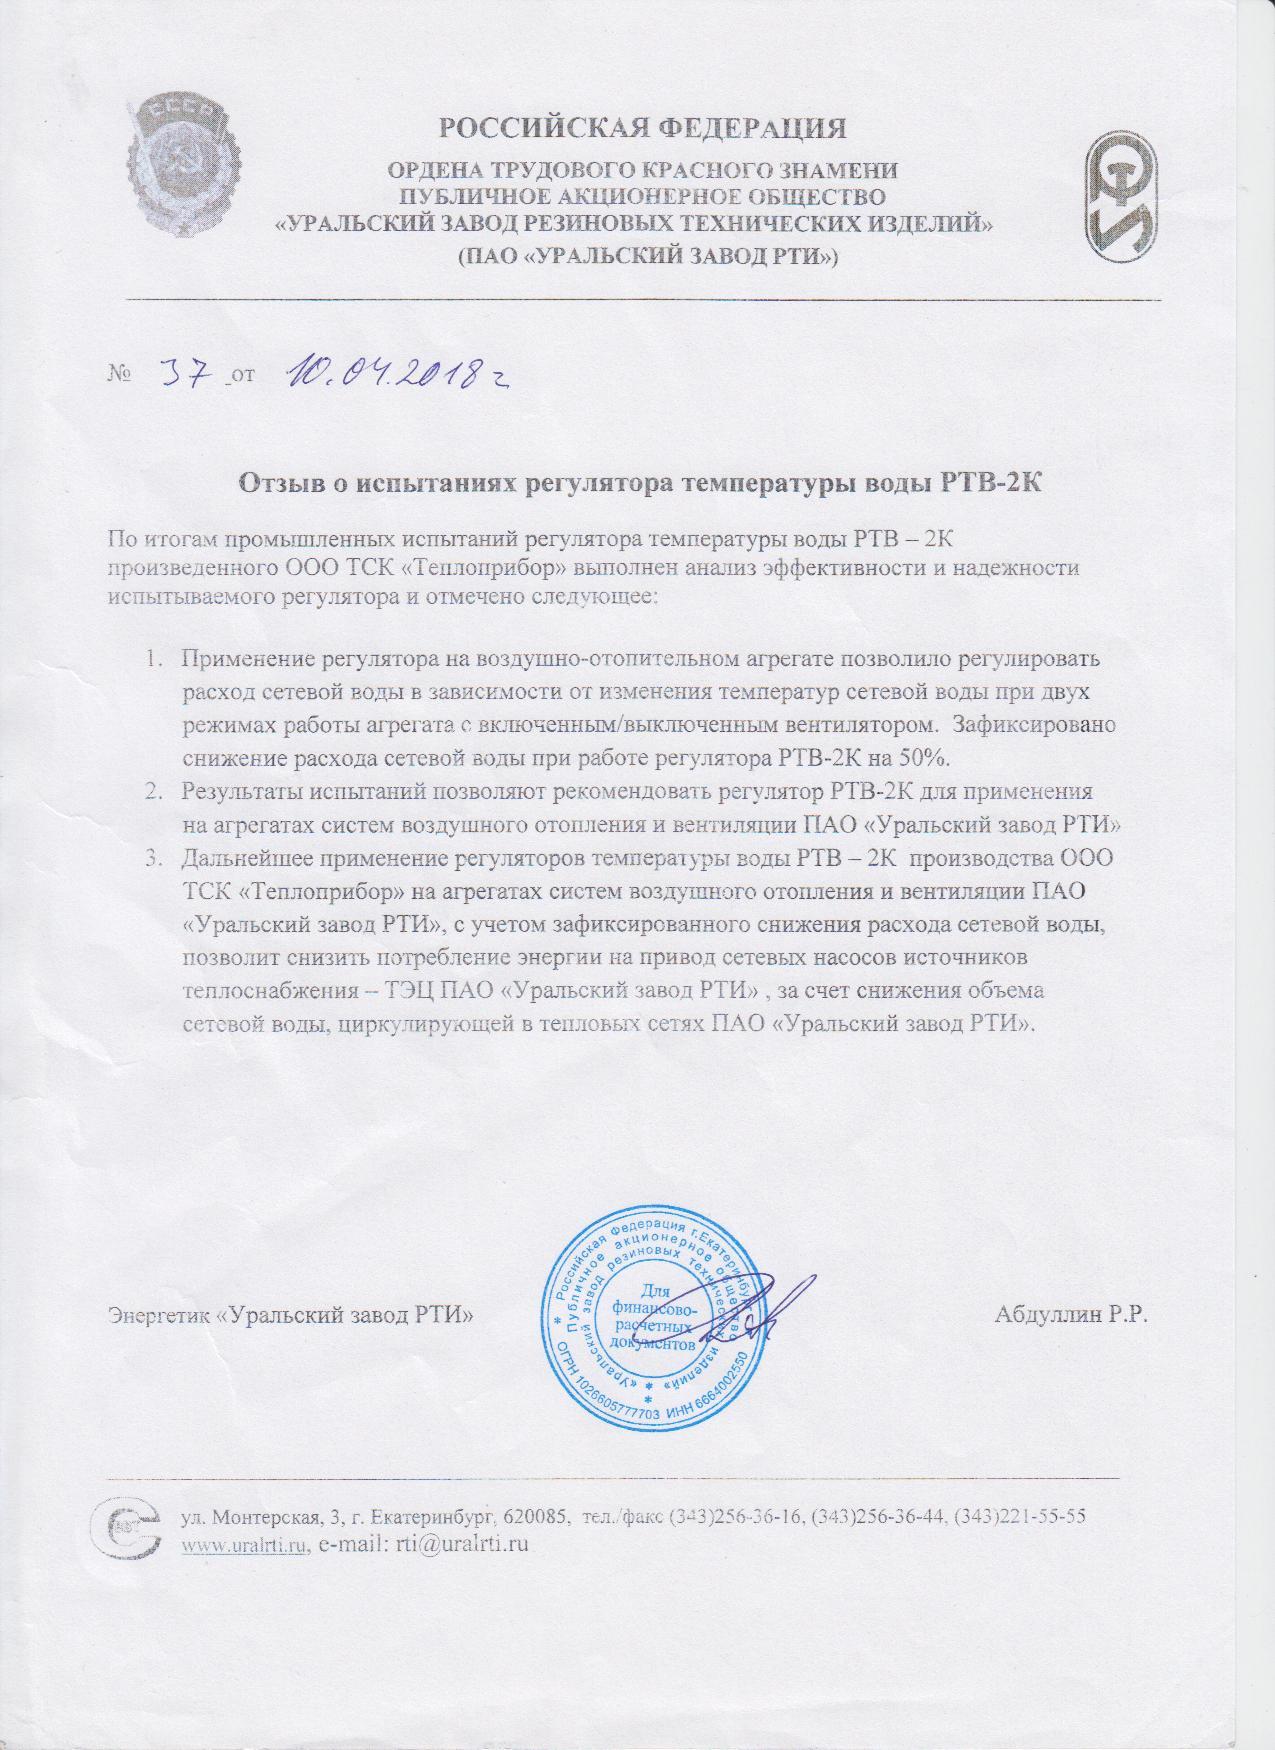 Отзыв о регуляторе температуры воды РТВ-2к